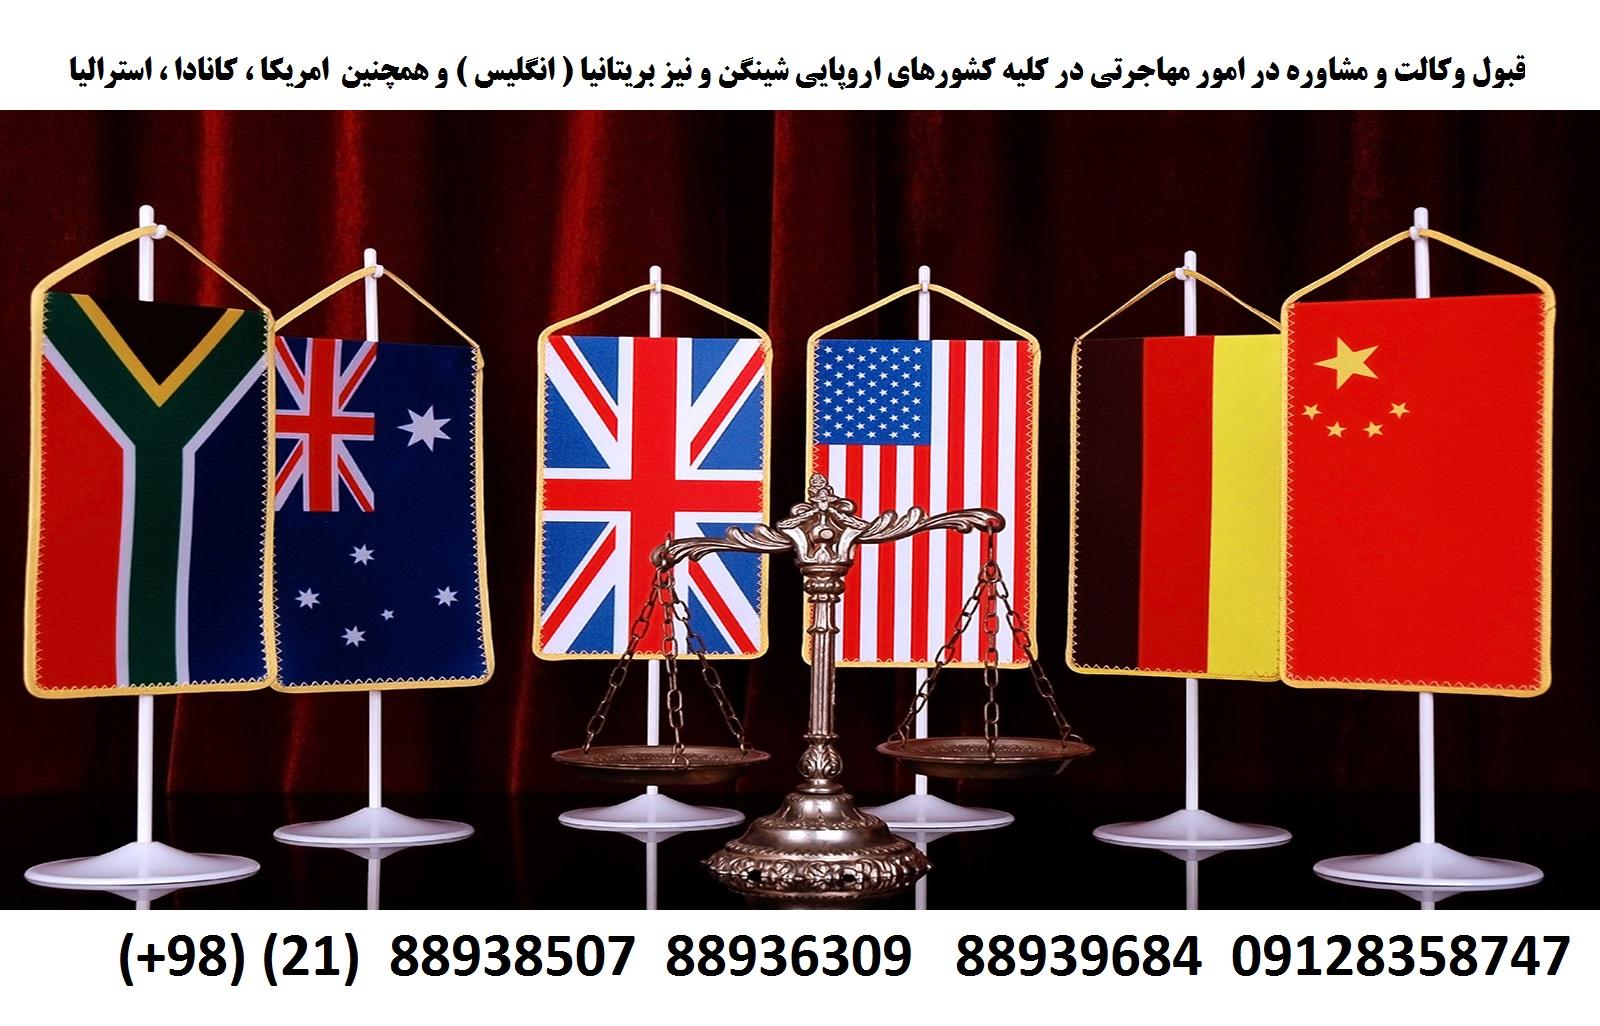 وکیل مهاجرتی در کلیه کشورها (4)